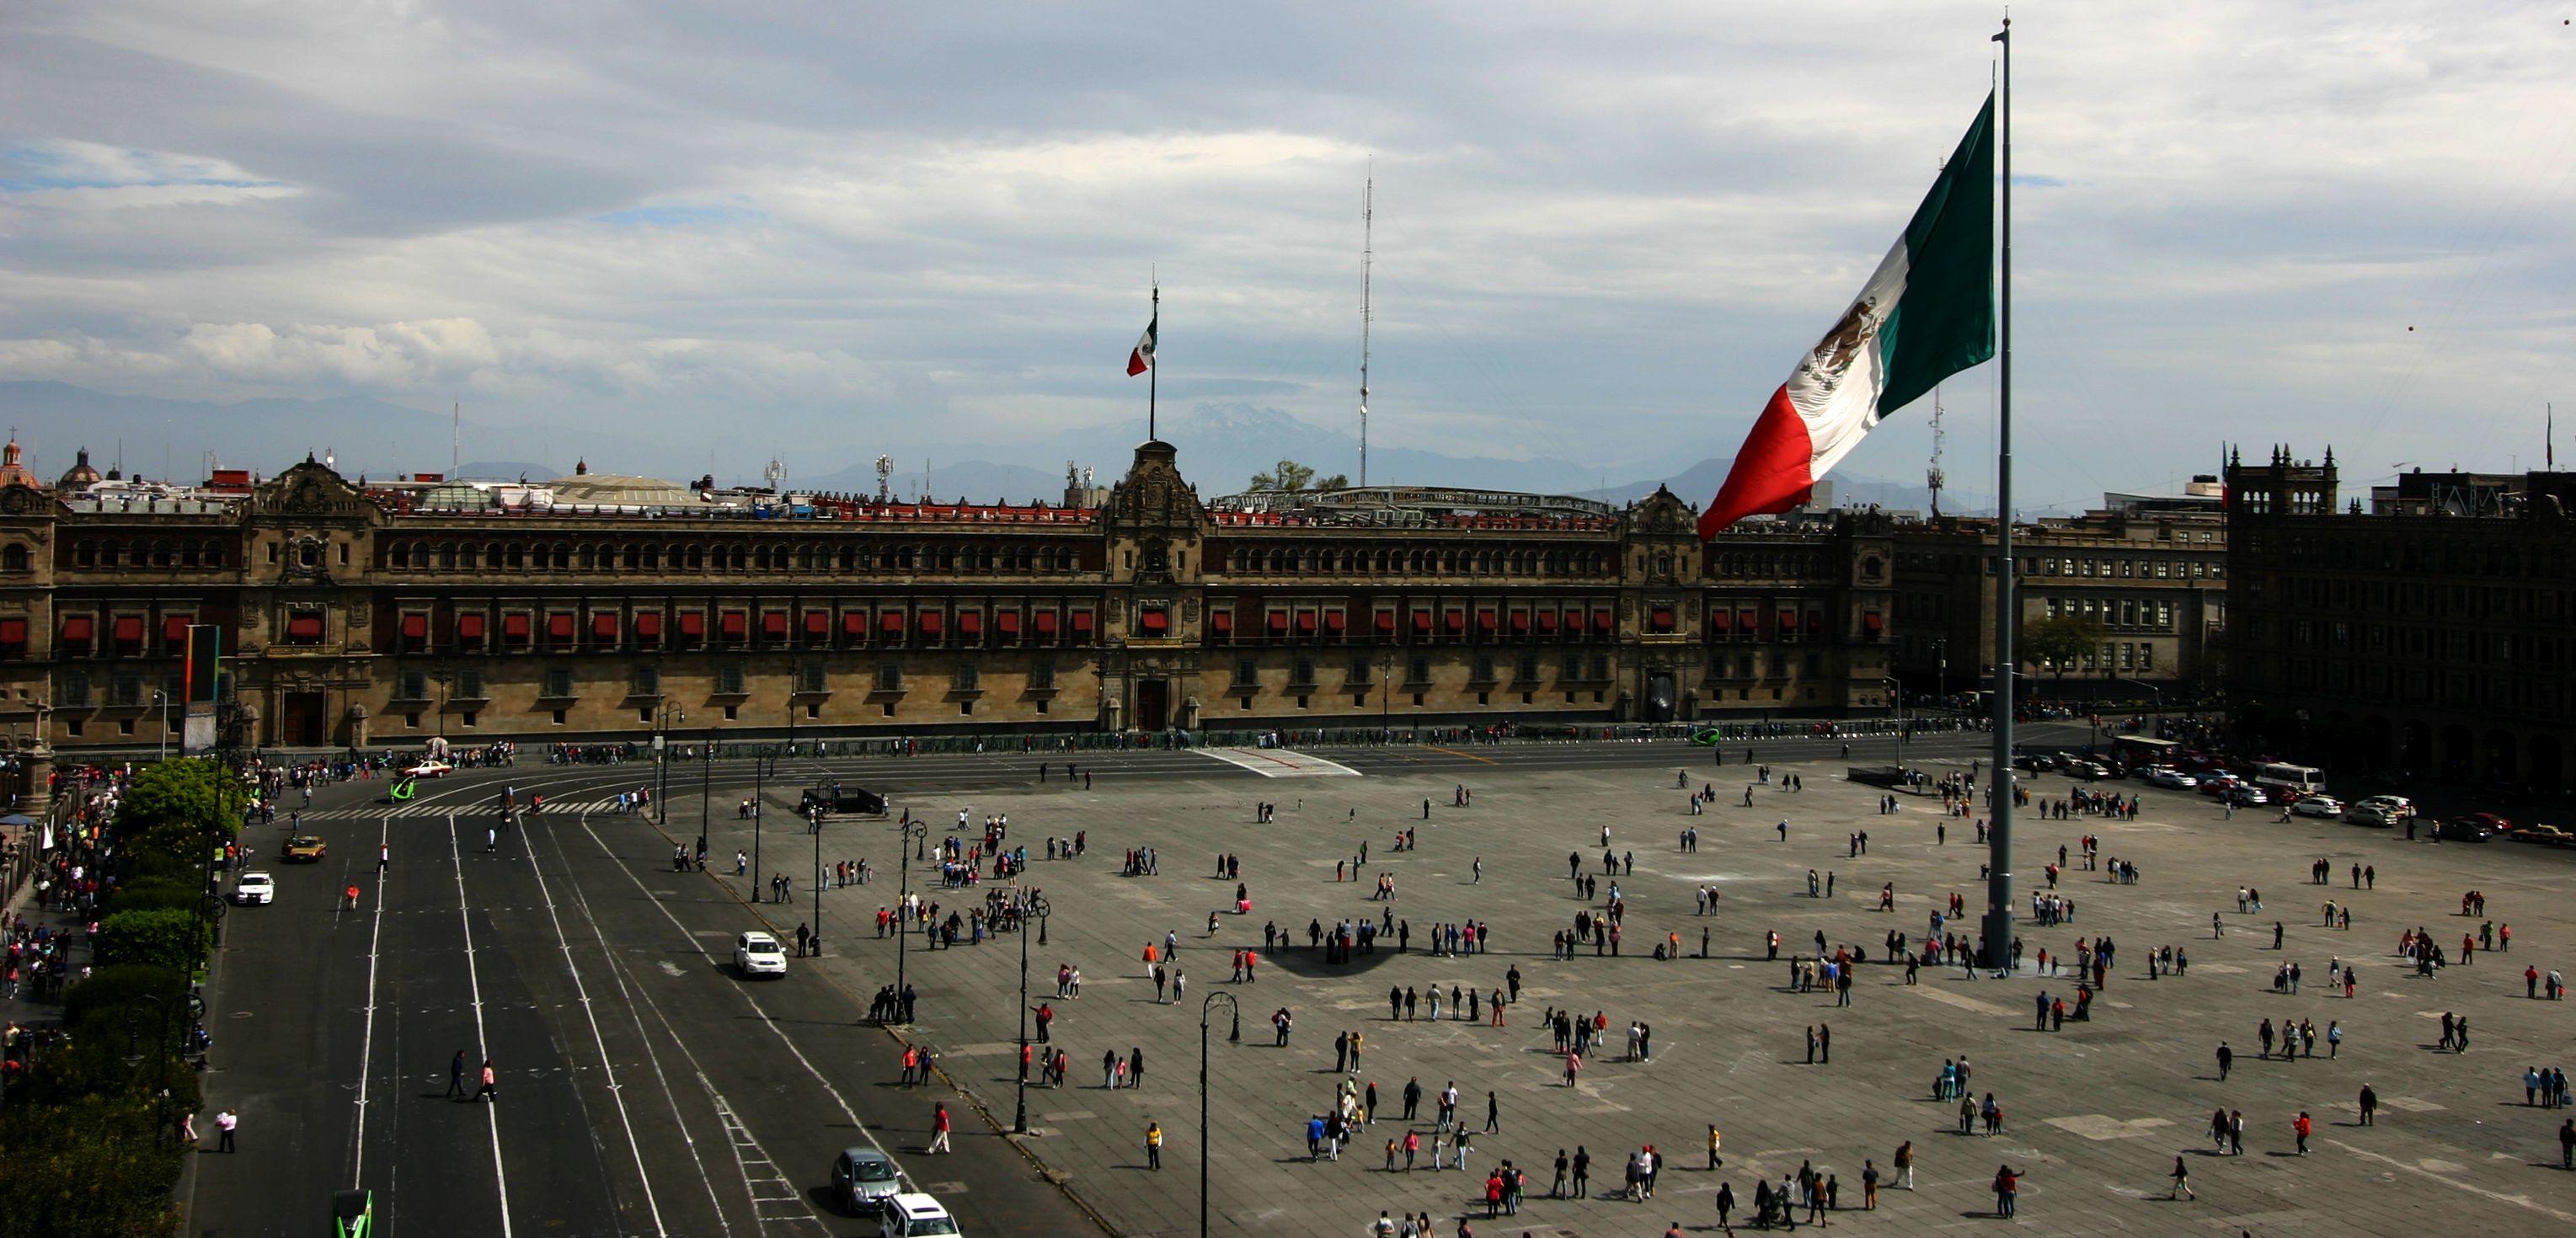 Mexikóváros képekben 1.rész - Központ